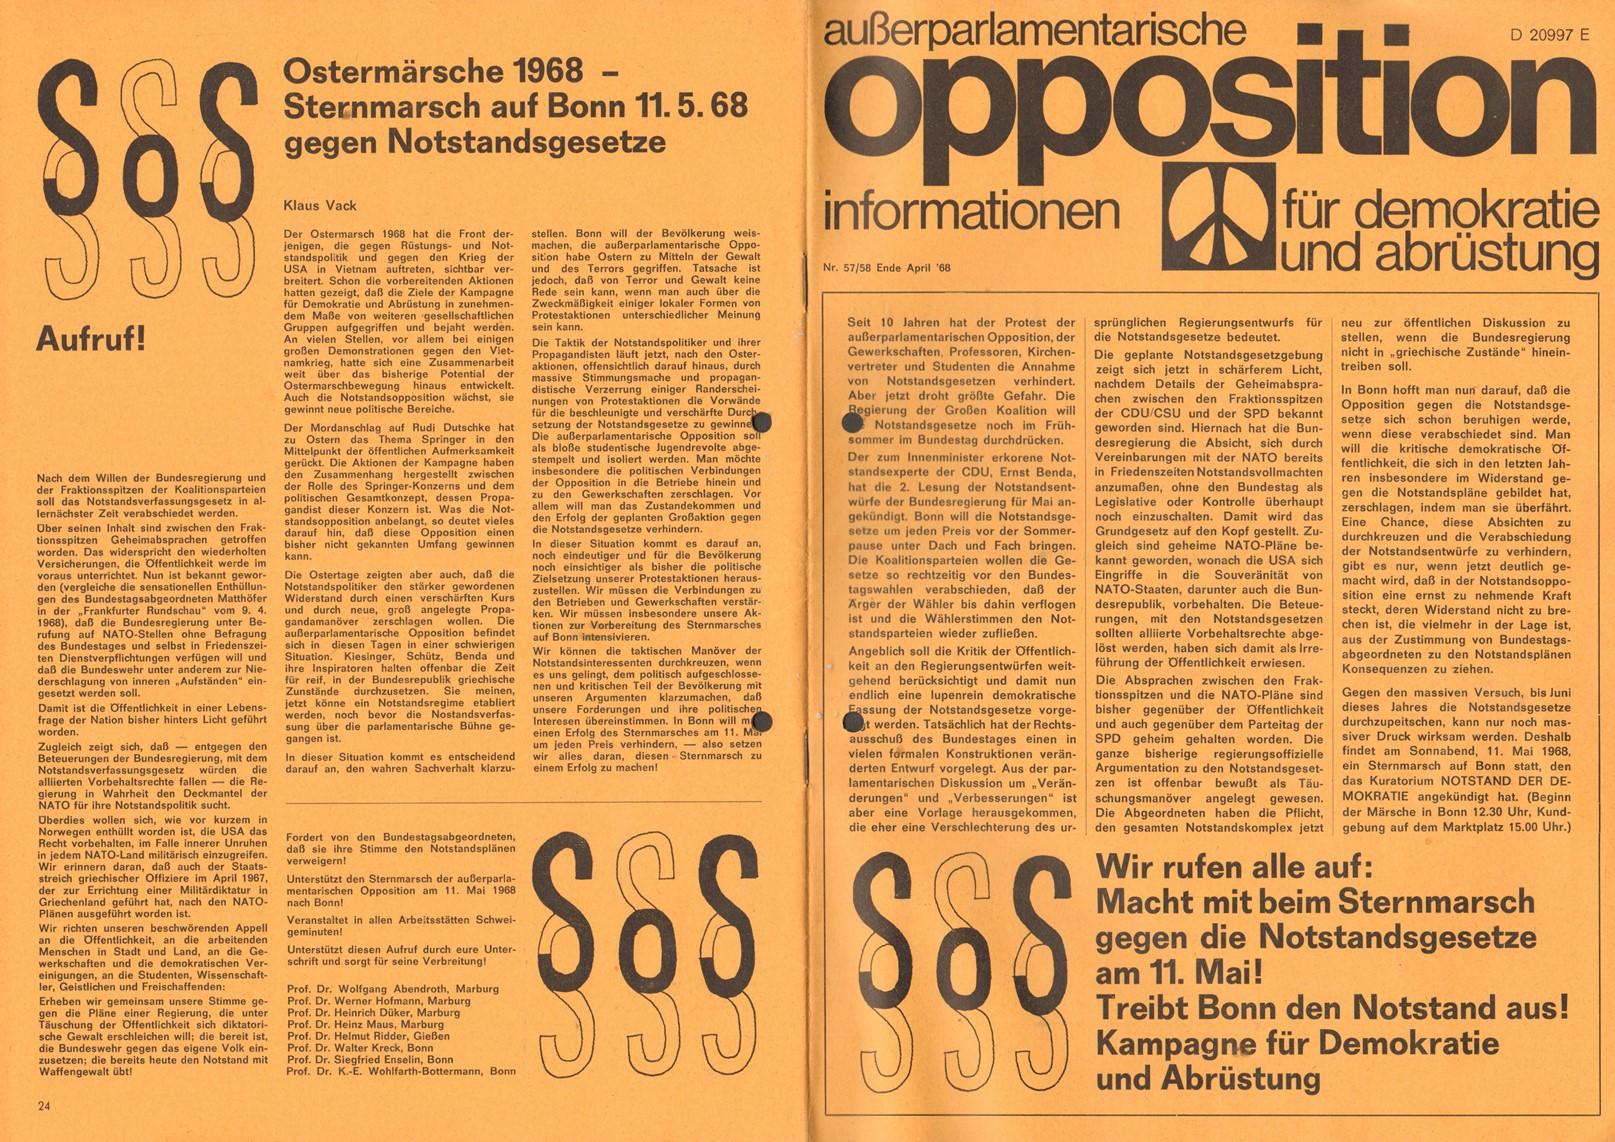 Informationen_zur_Abruestung_1968_057_058_001